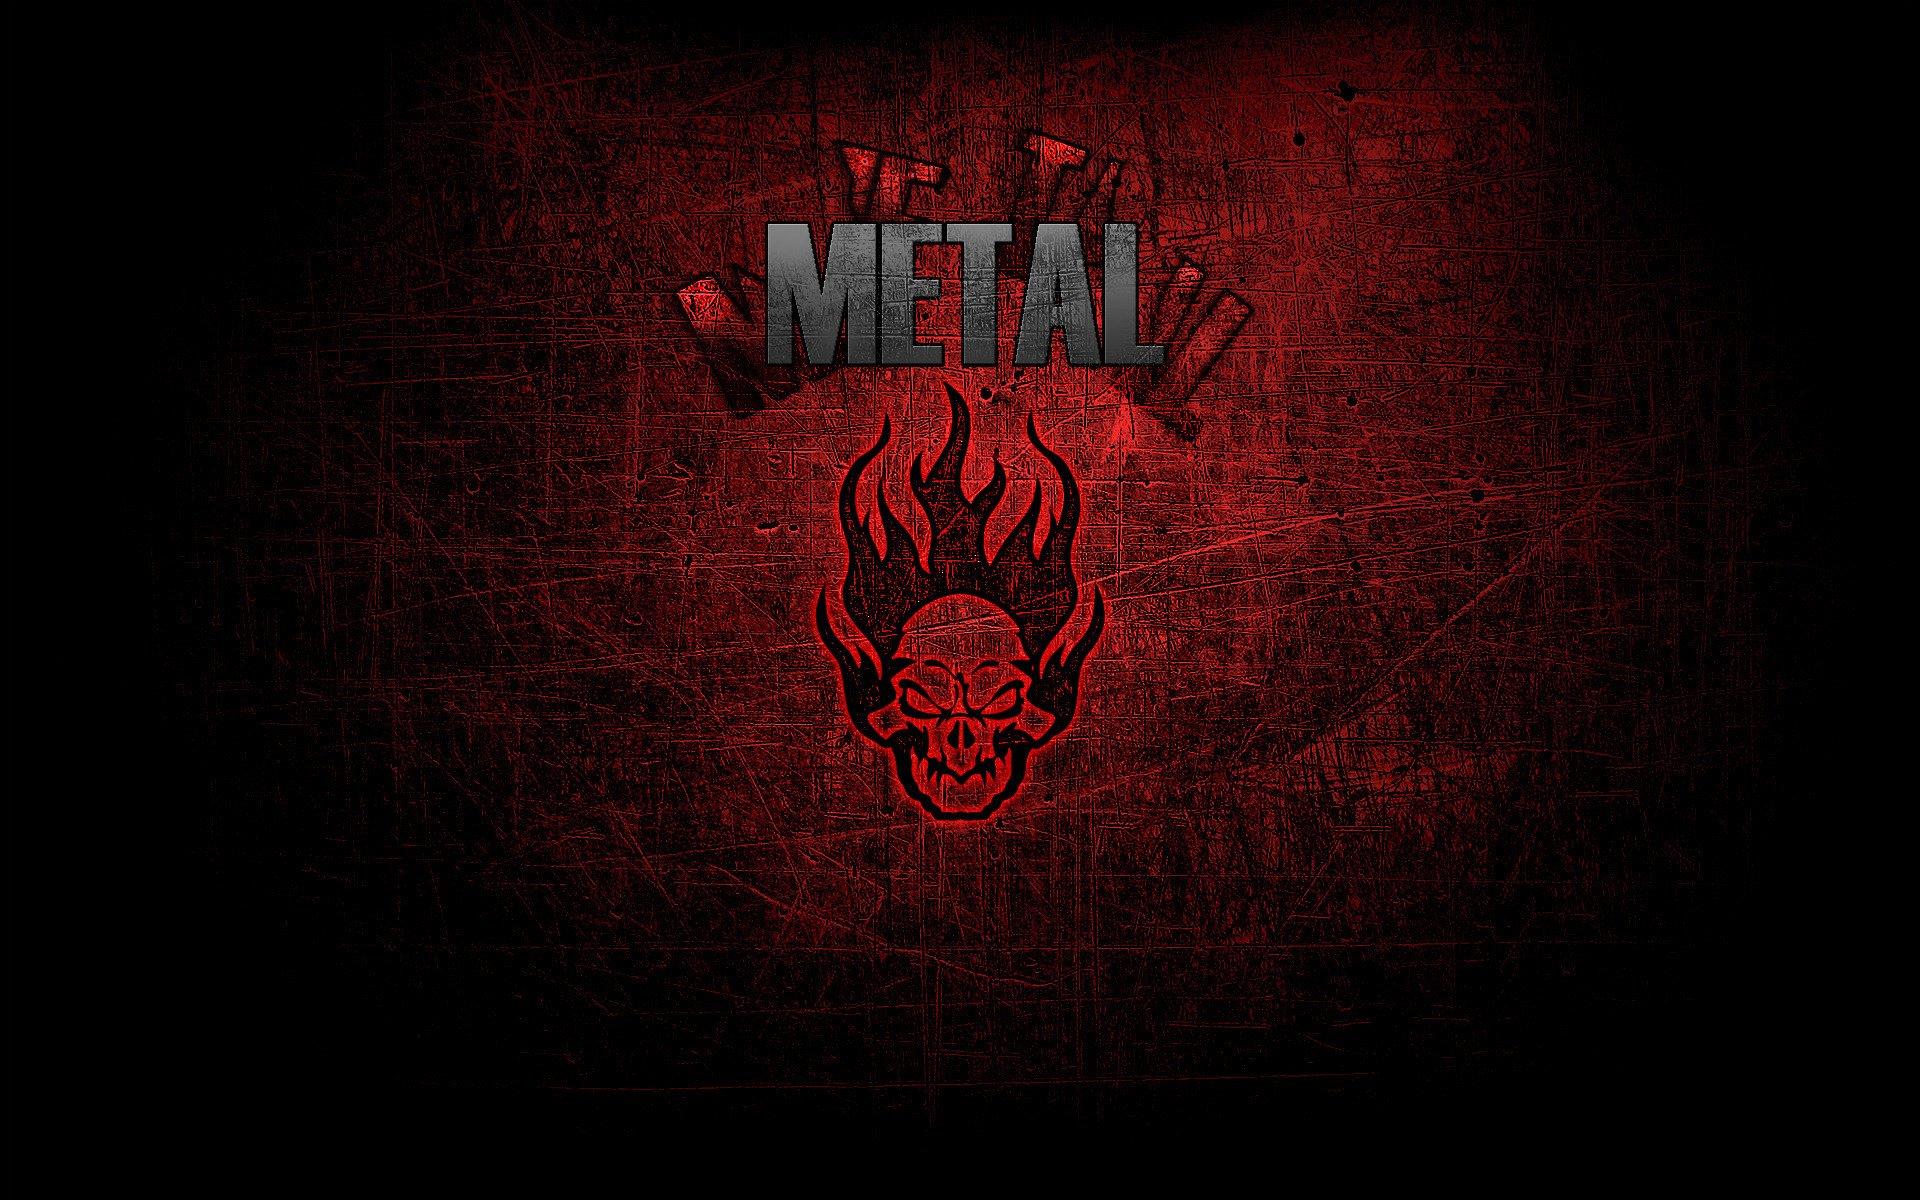 Imágenes de Heavy Metal para fondo de pantalla celular - Wallpapers para smartphones y pc para descargar